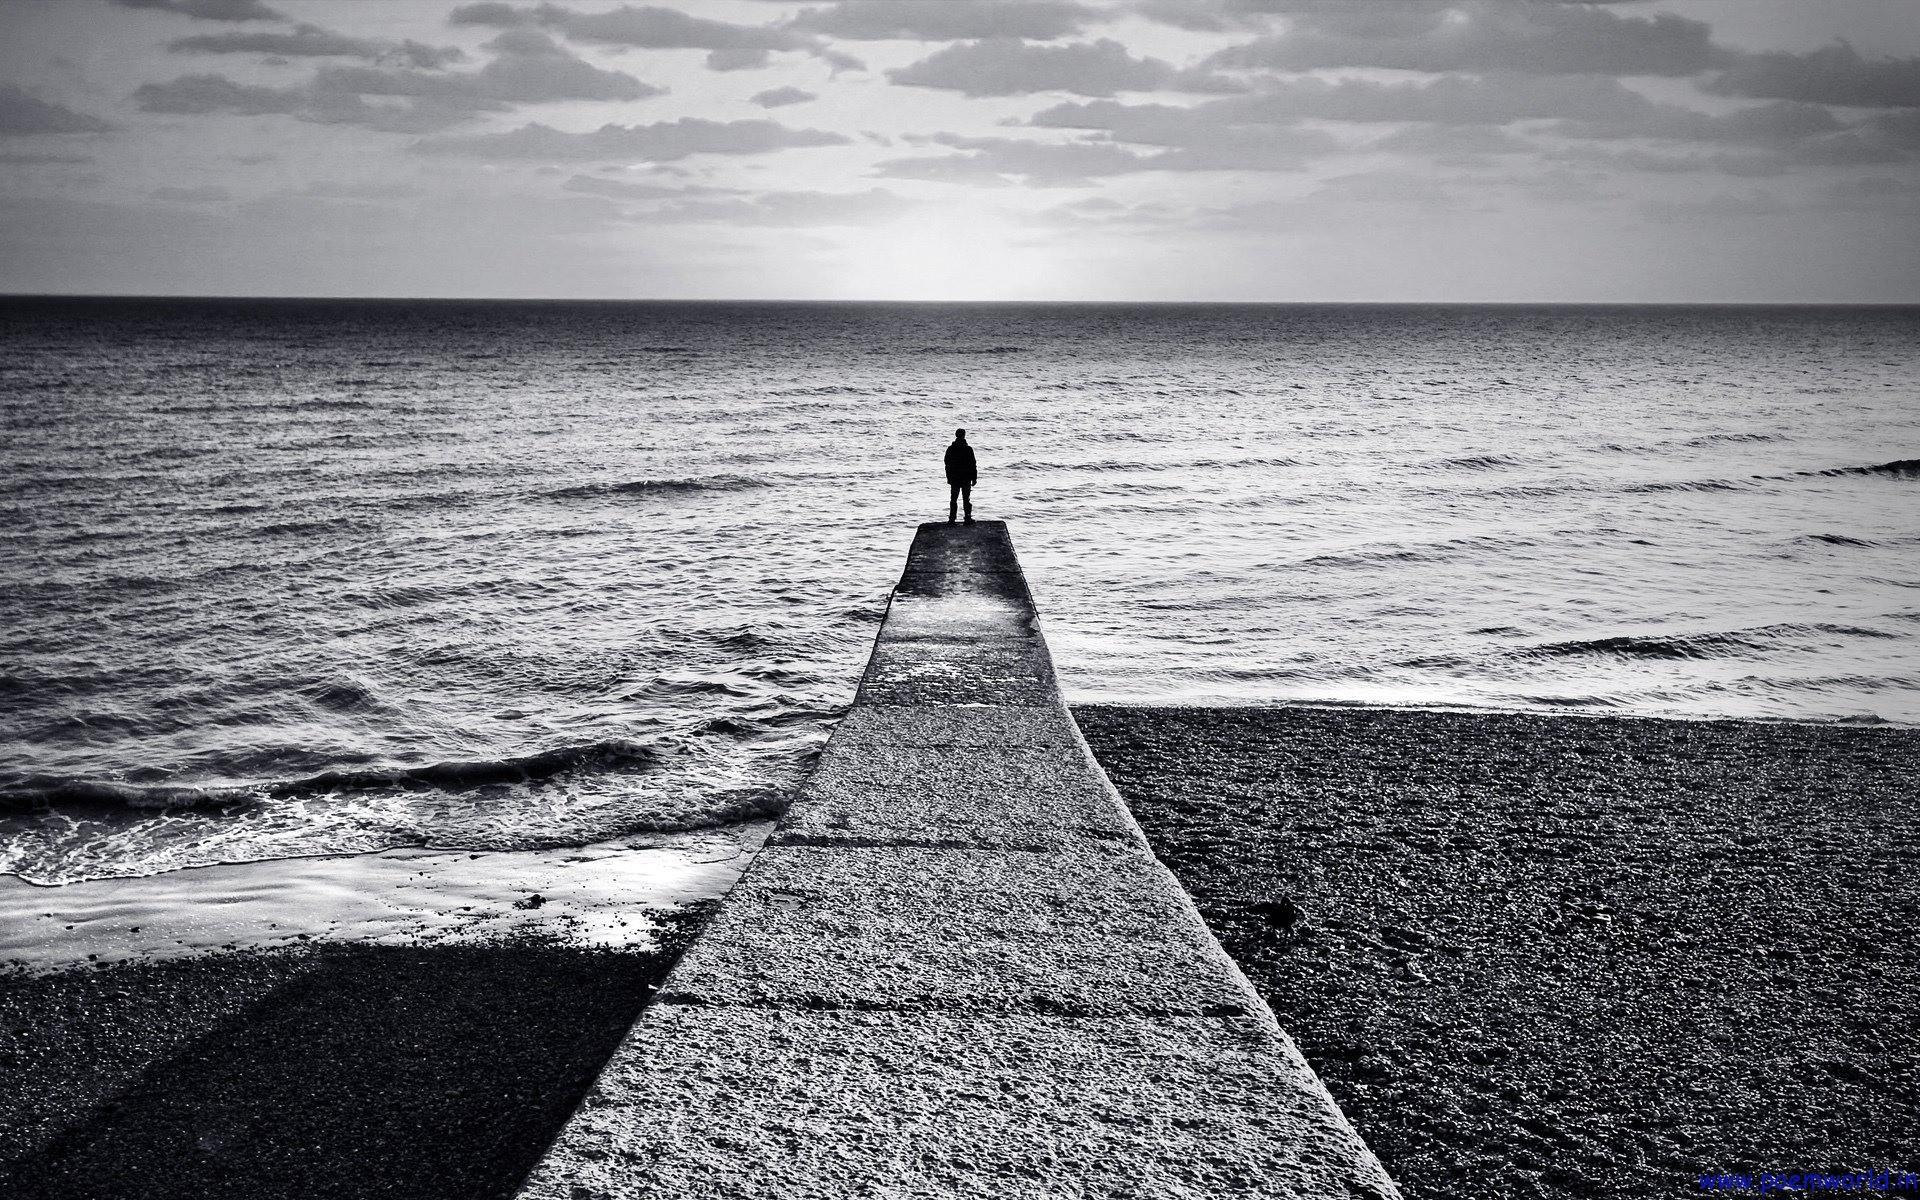 Hình nền bờ biển một người buồn bã đứng